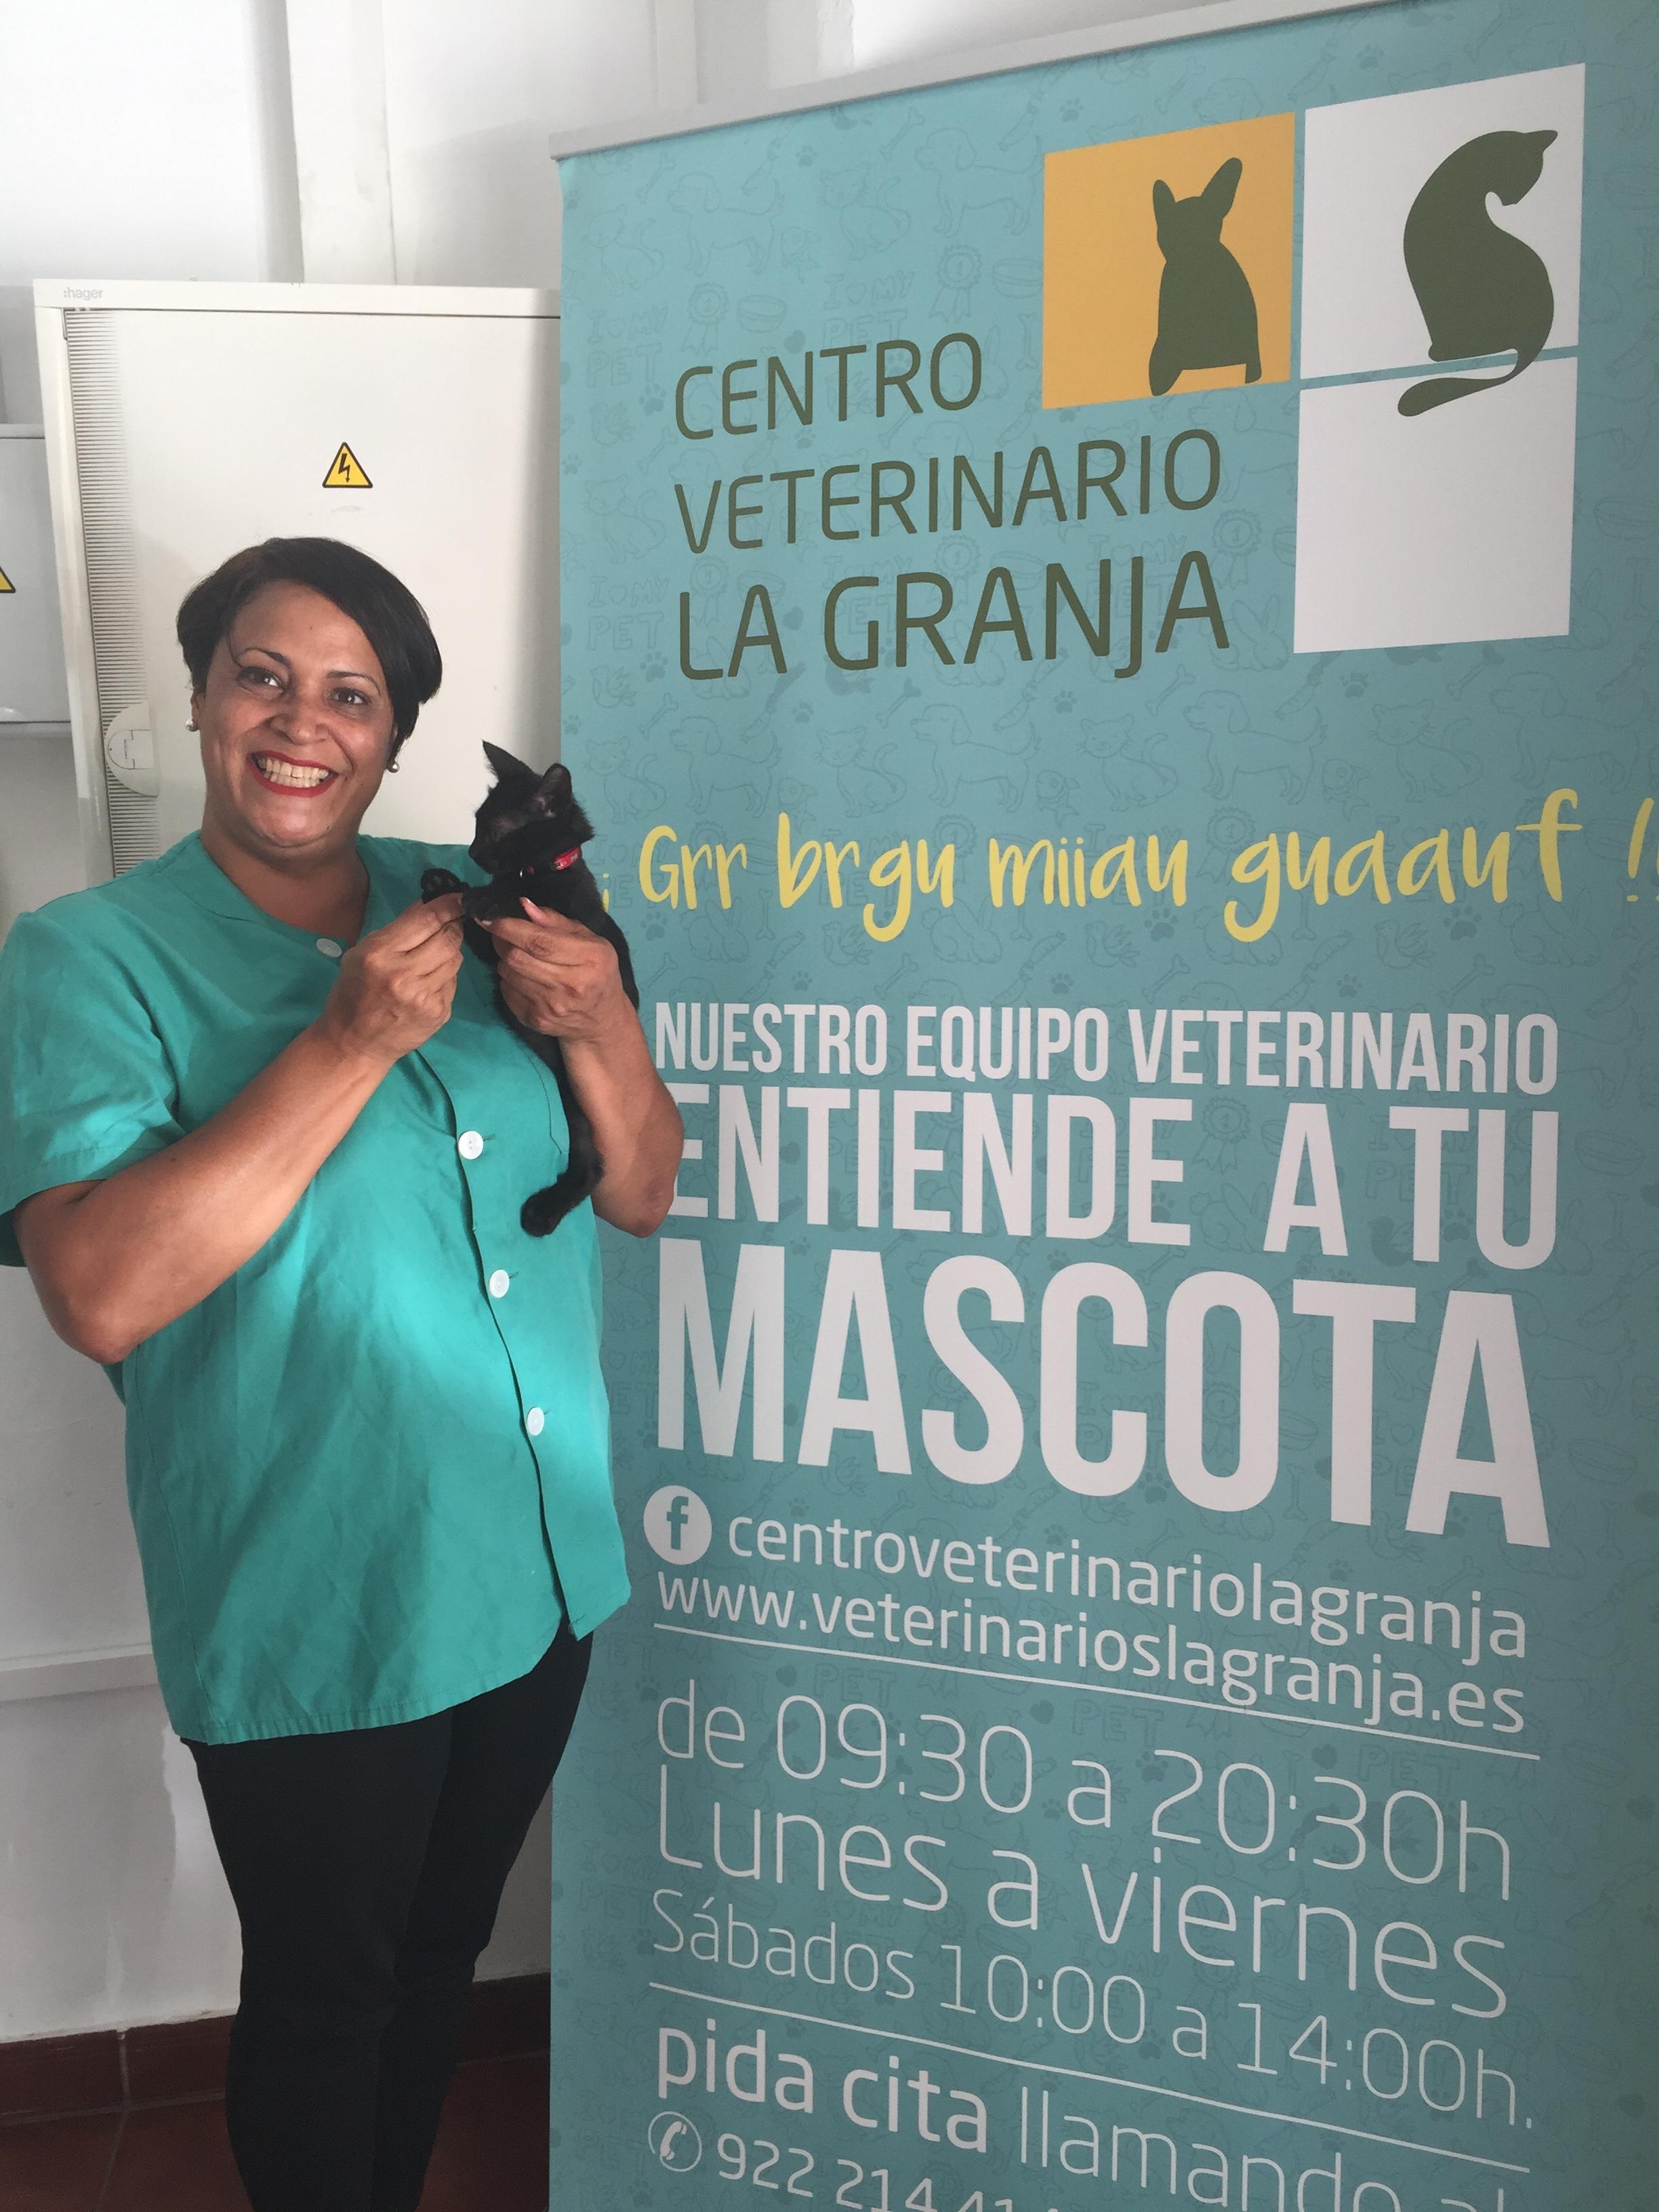 Hoy nuestras felicitaciones van para Alejandra Mendoza, que hizo con nosotros el Curso de Peluquería Canina hace 9 años y desde entonces está trabajando como Peluquera Canina; además completa sus horas de trabajo como Auxiliar de Veterinaria en el Centro Veterinario La Granja.